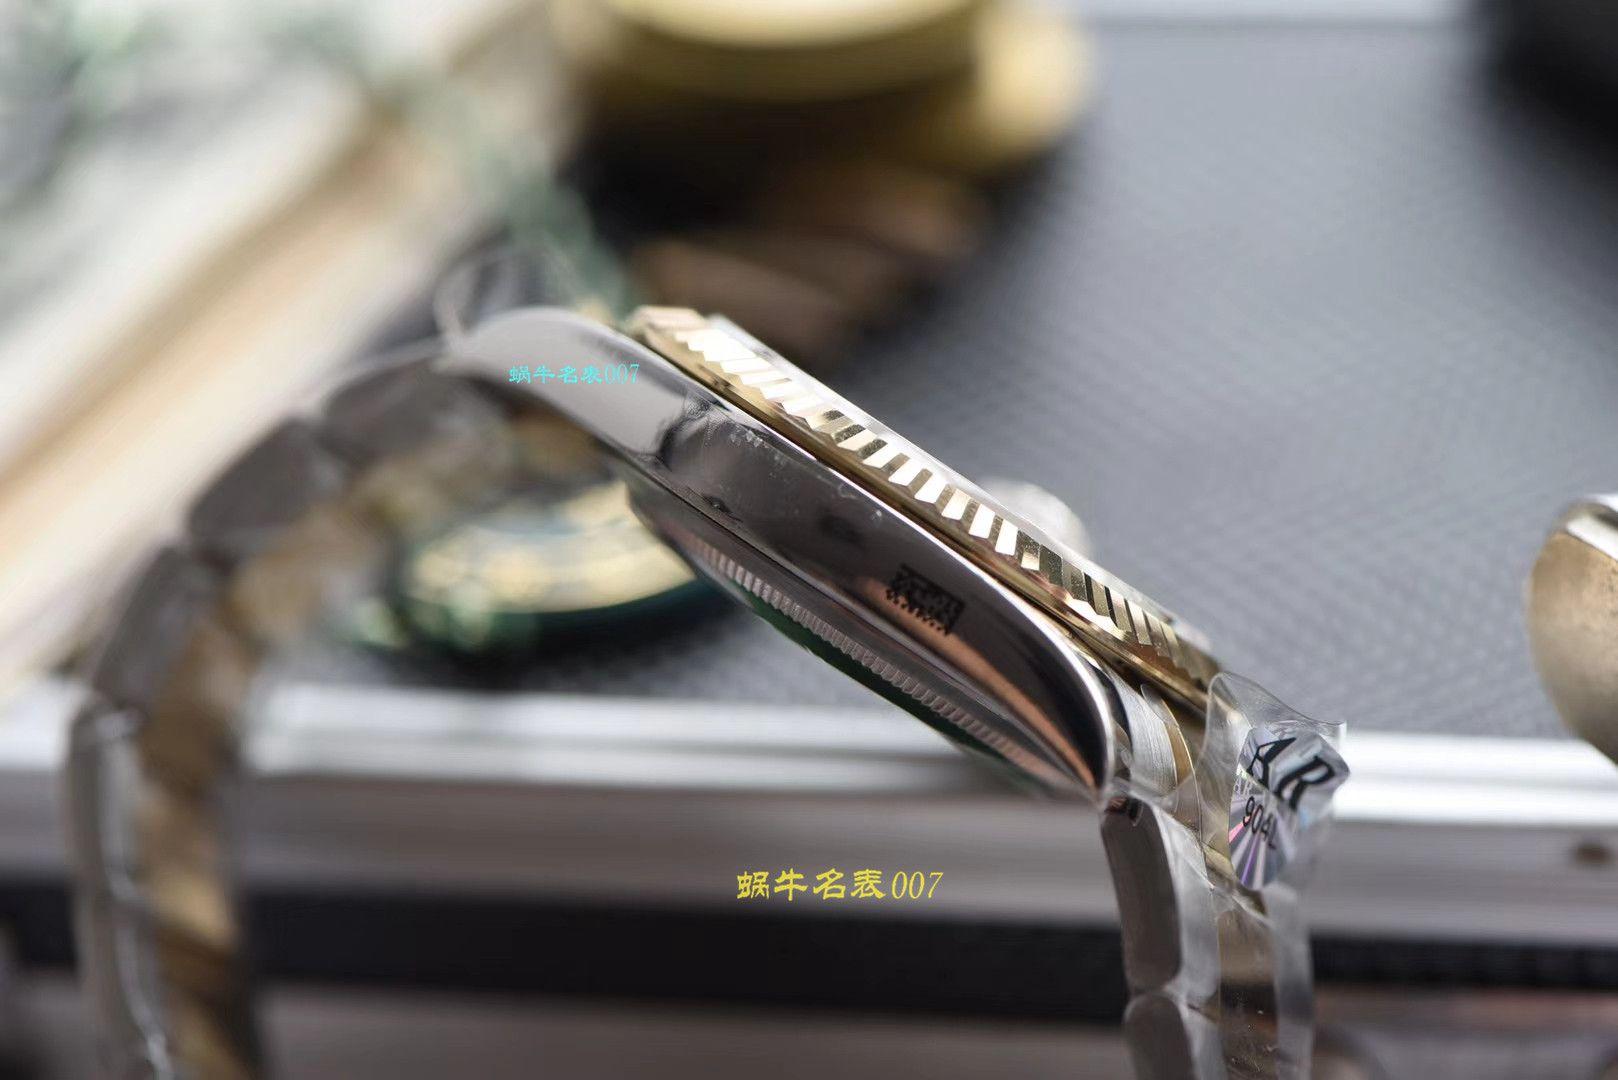 【视频评测AR厂官网劳力士41毫米间金日志】劳力士日志型系列116333-72213 G香槟盘镶钻腕表